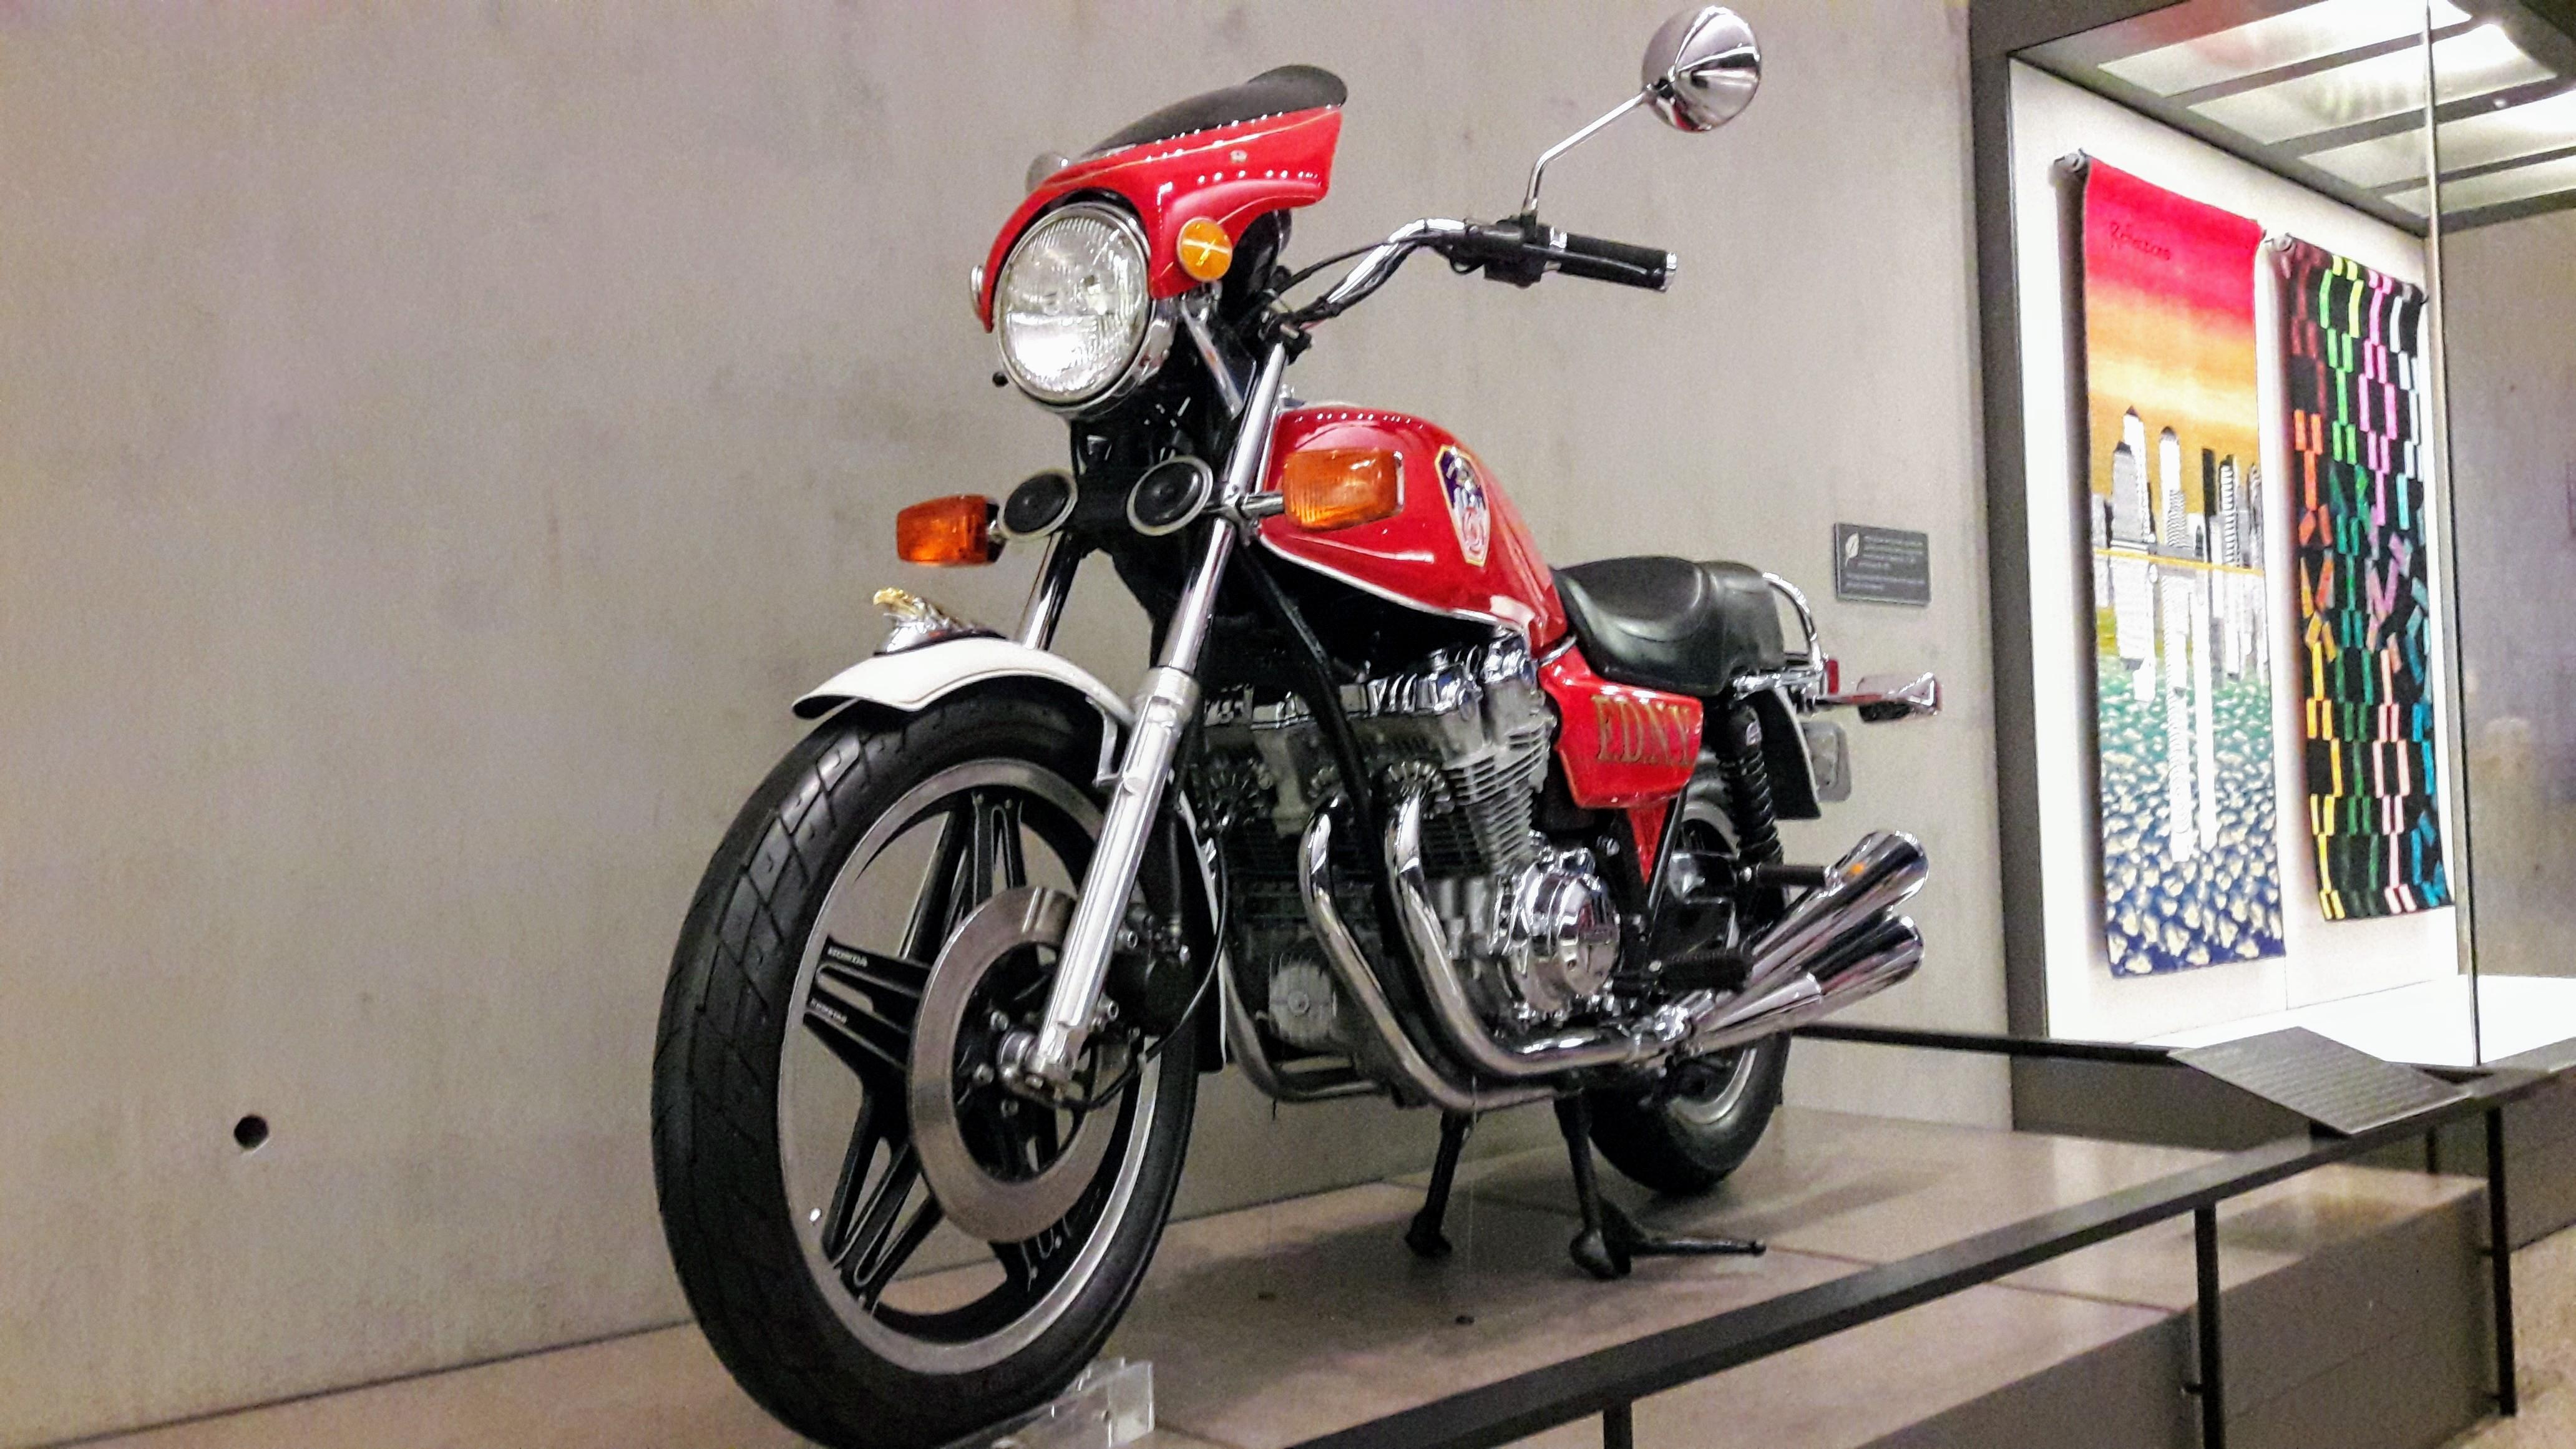 Honda CB 750 en memoria del 11-S